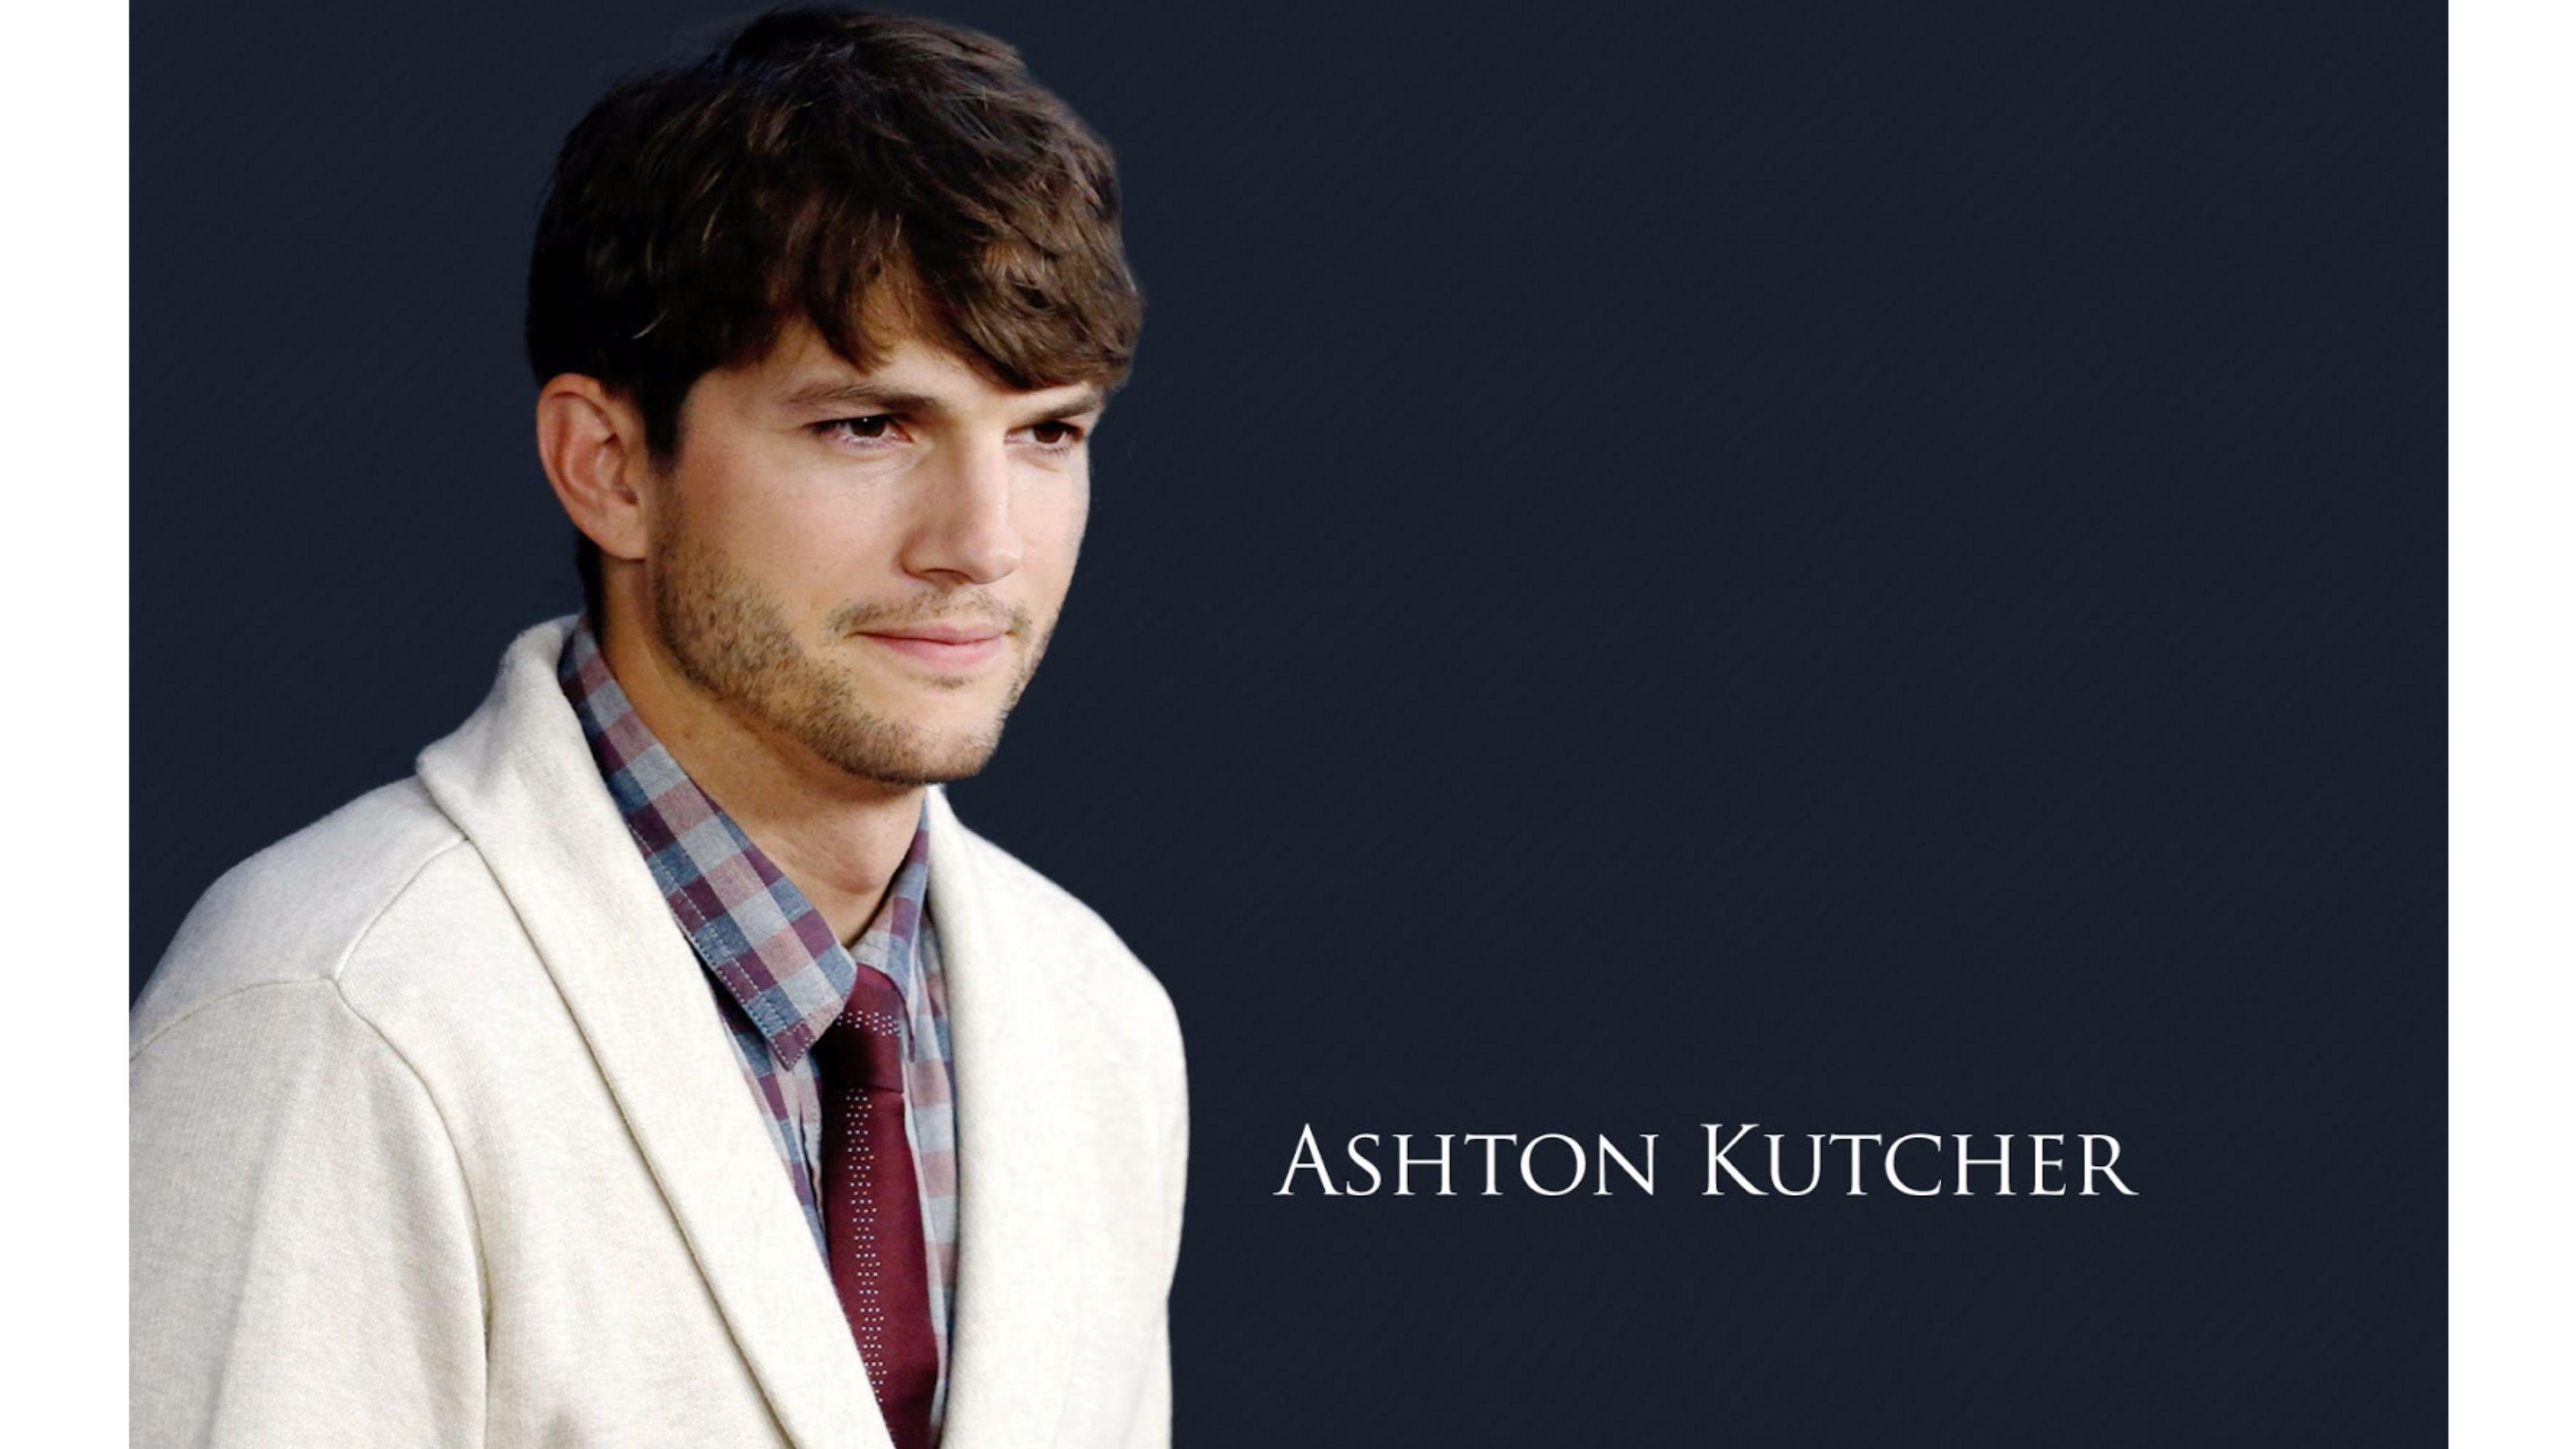 Ashton Kutcher Wallpaper 16   3840 X 2160 stmednet 3840x2160